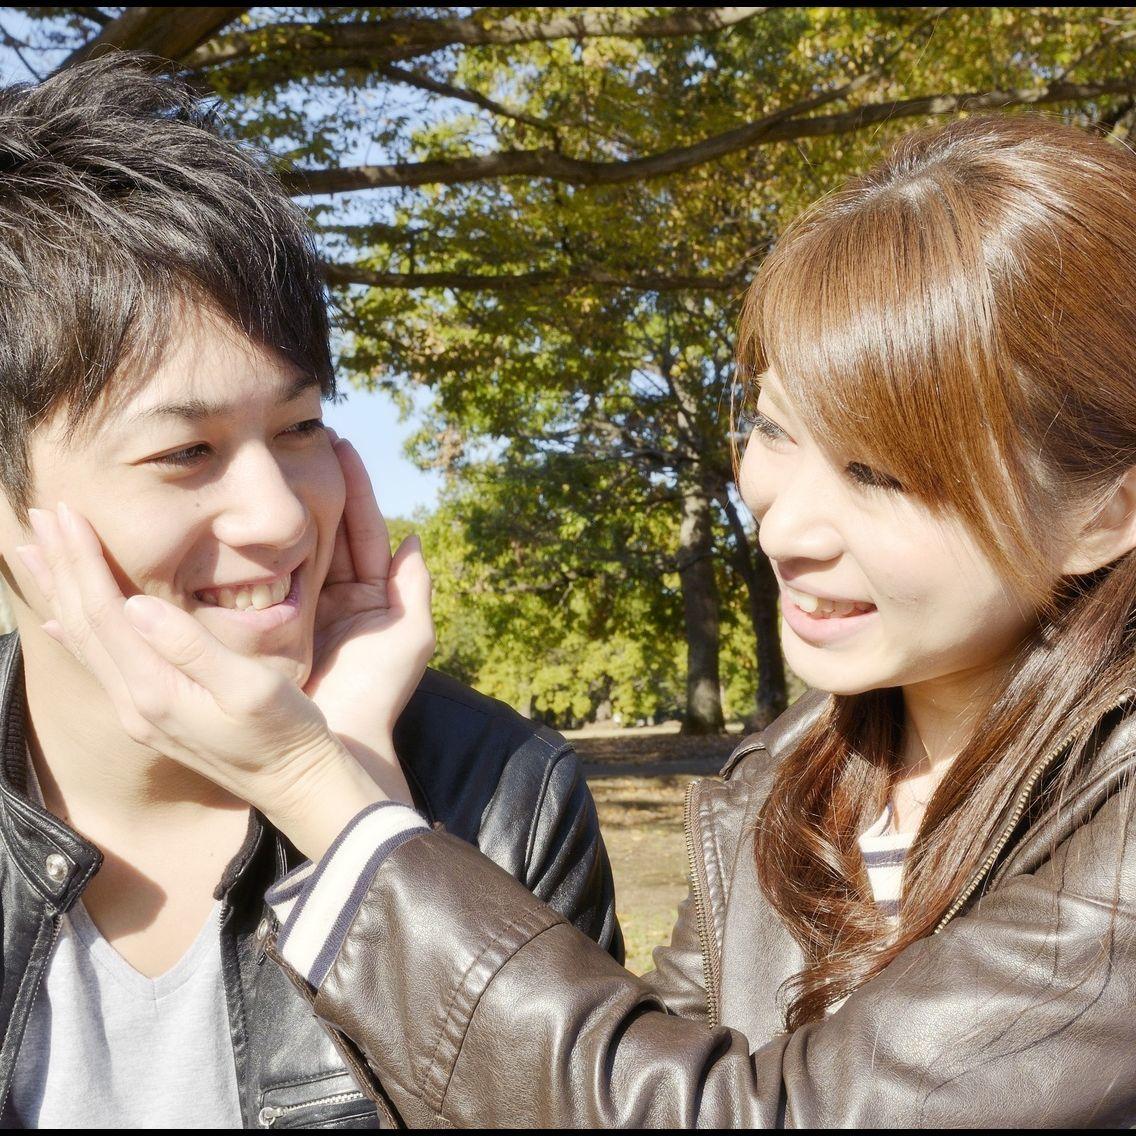 日本女性對「普通男性」的7個標準!男性們看看是否有達標了呢?